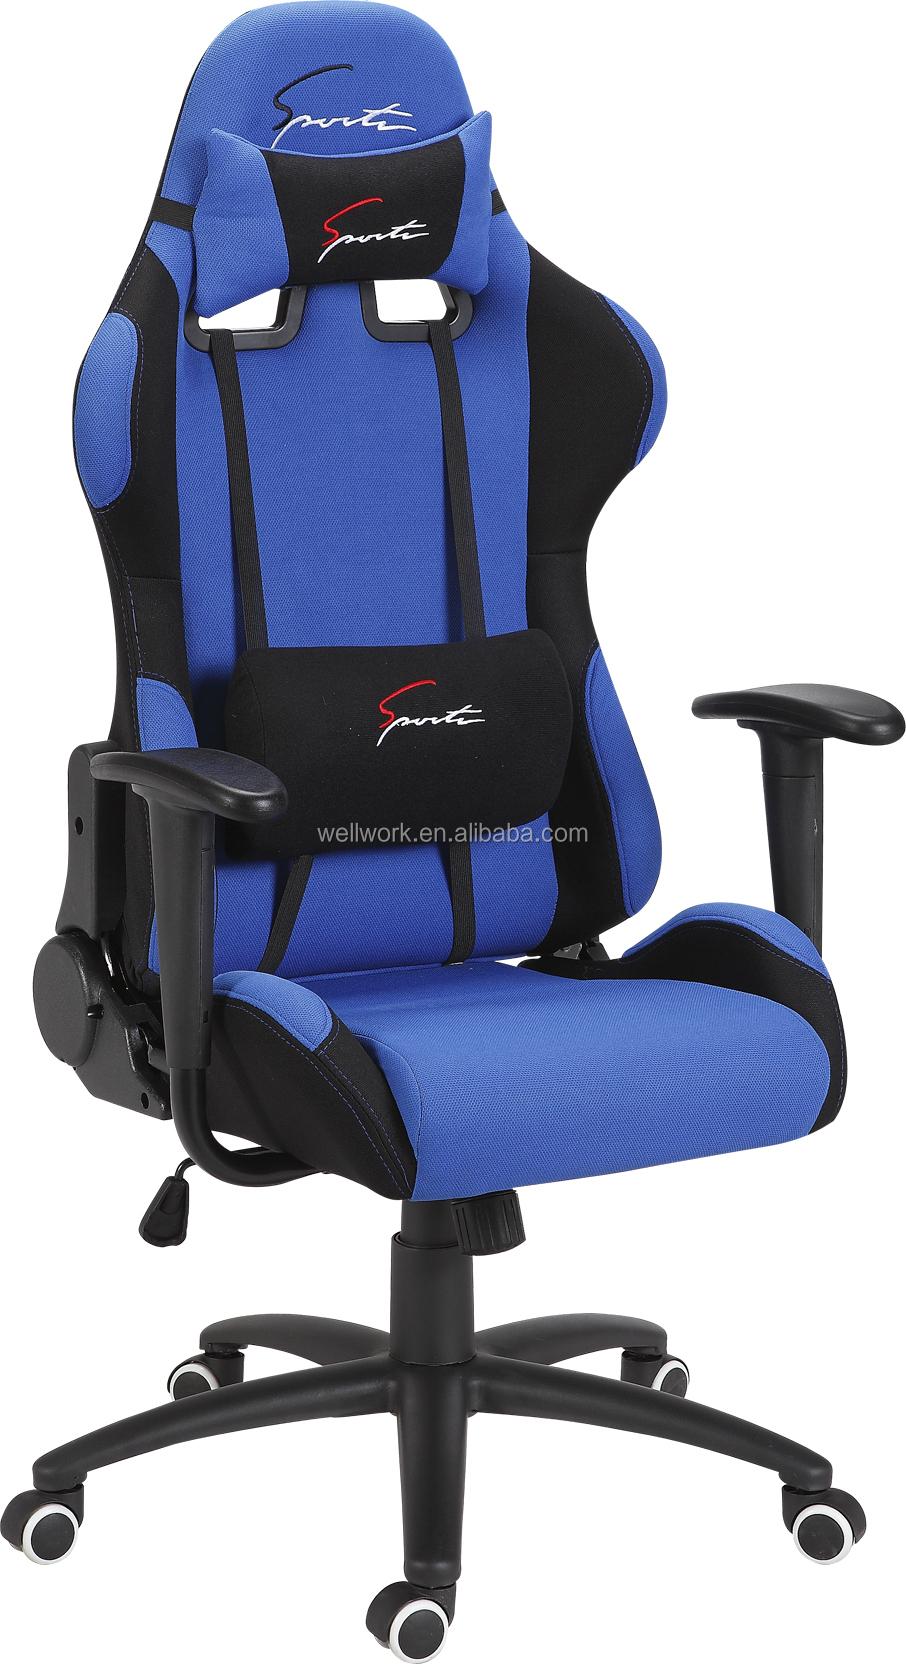 jysk gaming stol ~ Wentglas.com : Få intressanta idéer för möbeldesign